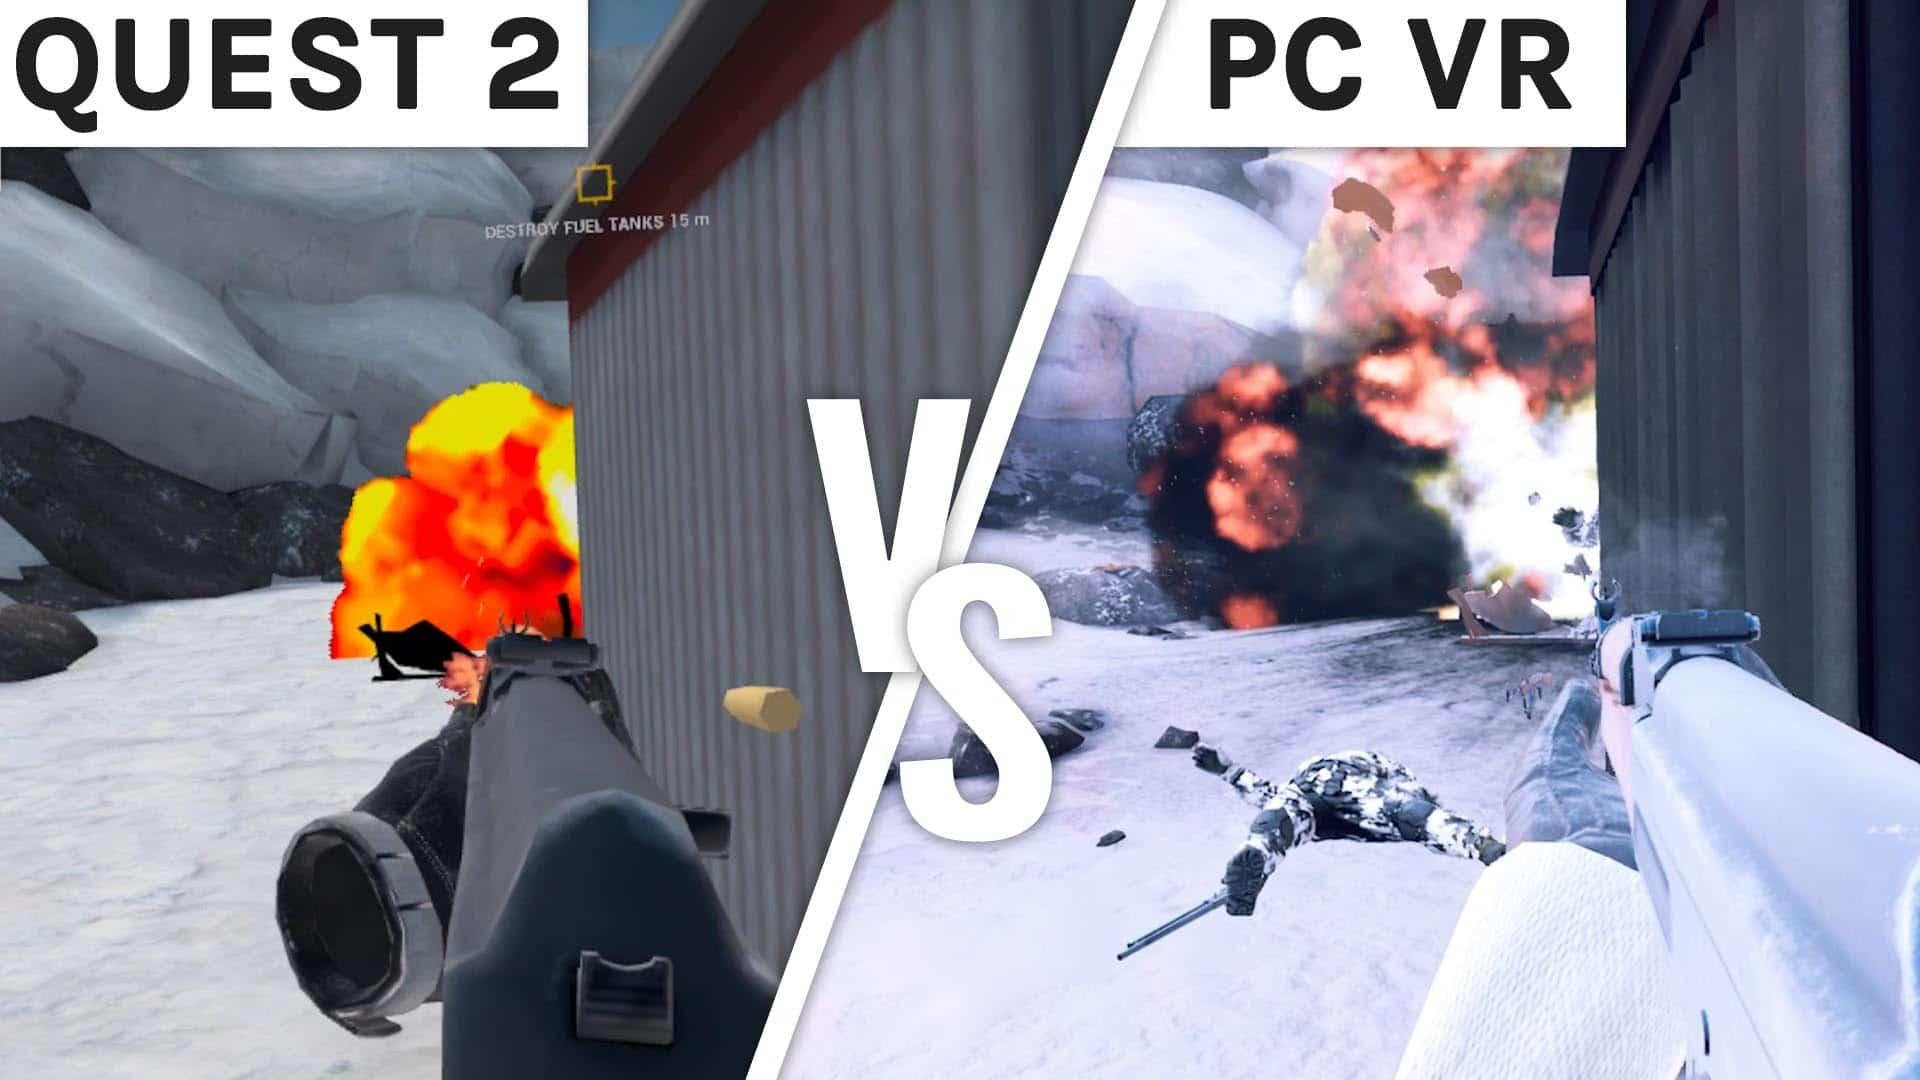 Zero Caliber Graphics Comparison – Quest 2 vs PC VR